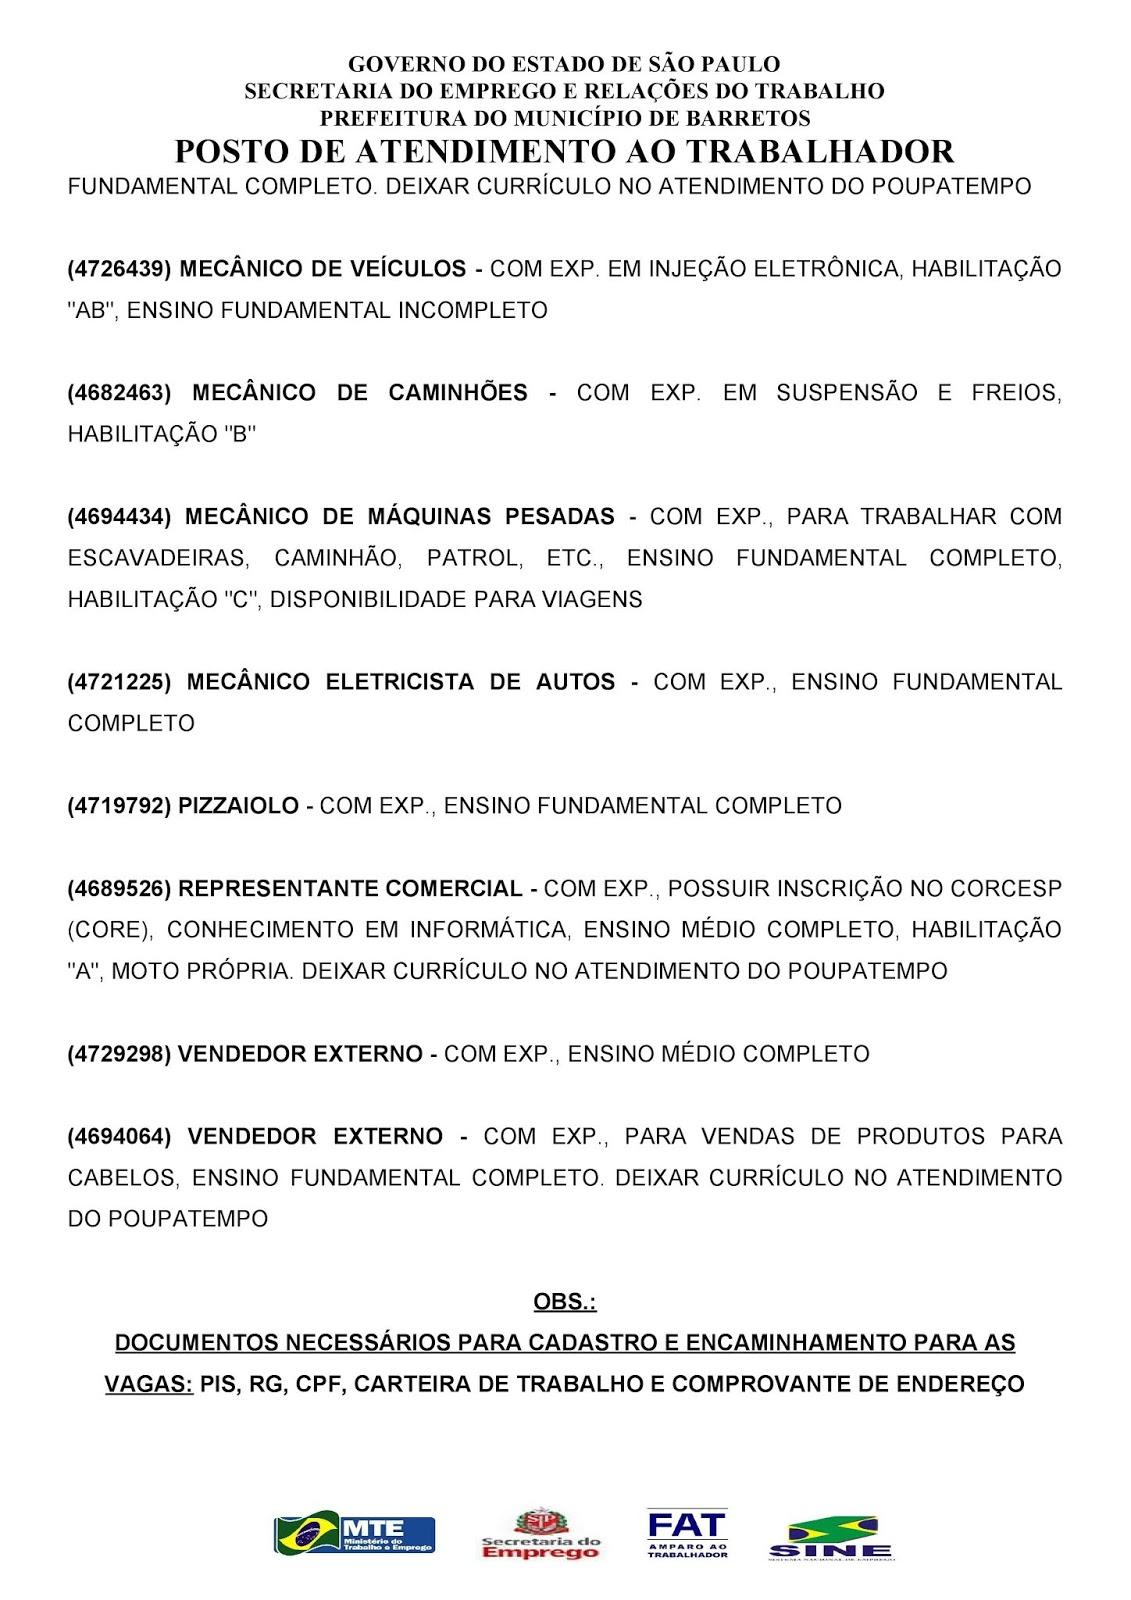 VAGAS DE EMPREGO DO PAT BARRETOS-SP PARA 14/11/2018 QUARTA-FEIRA - PARTE 2